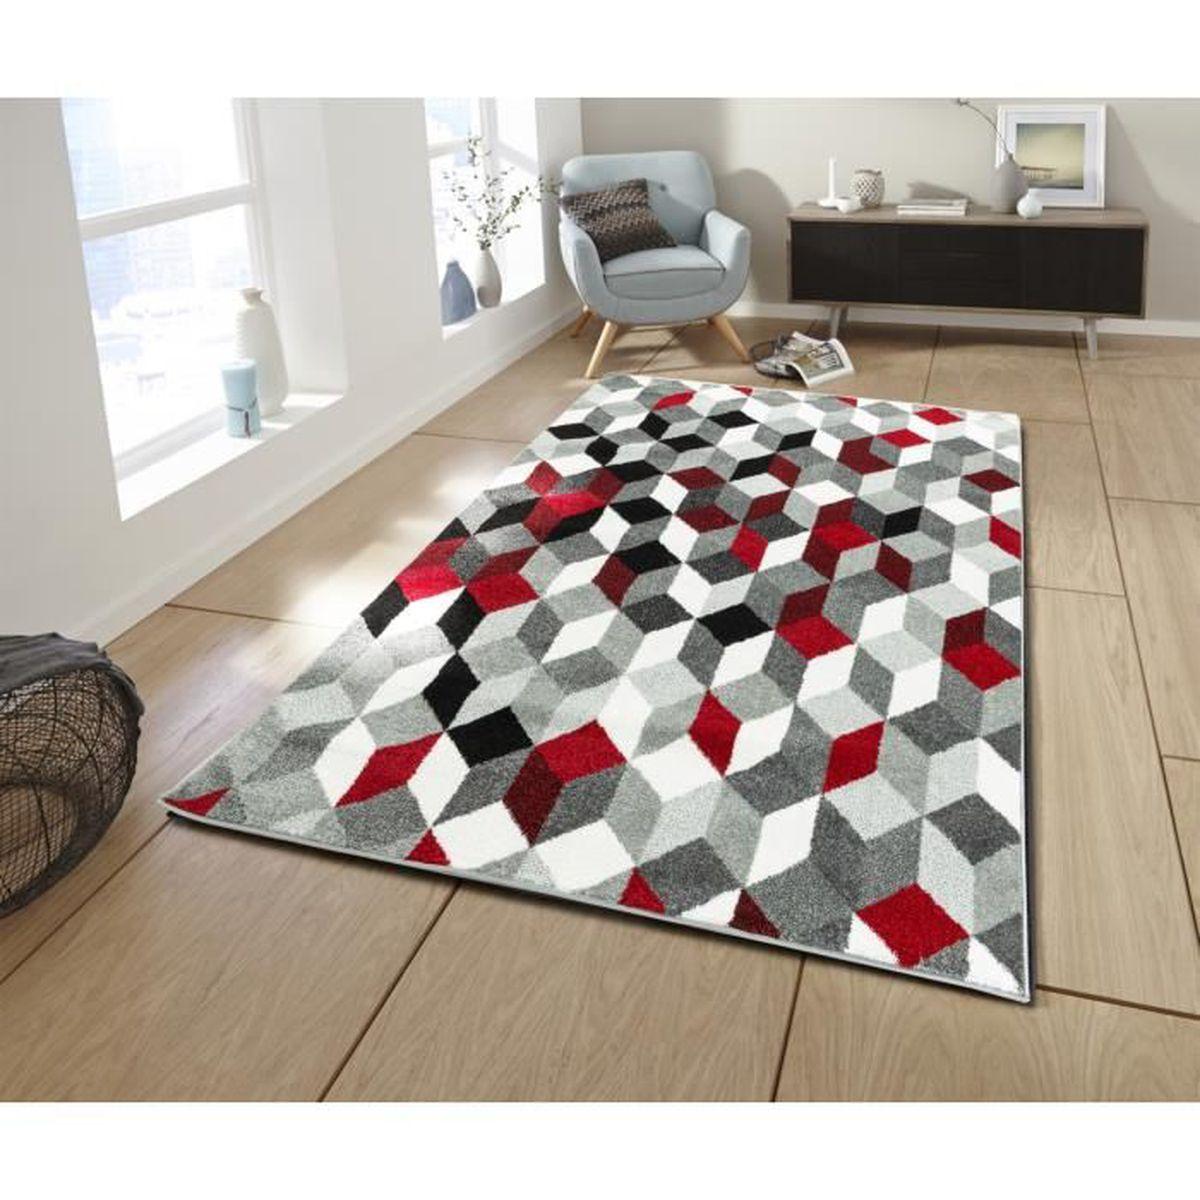 TAPIS CARA Petit tapis de salon multicolore - 50 x 80 cm